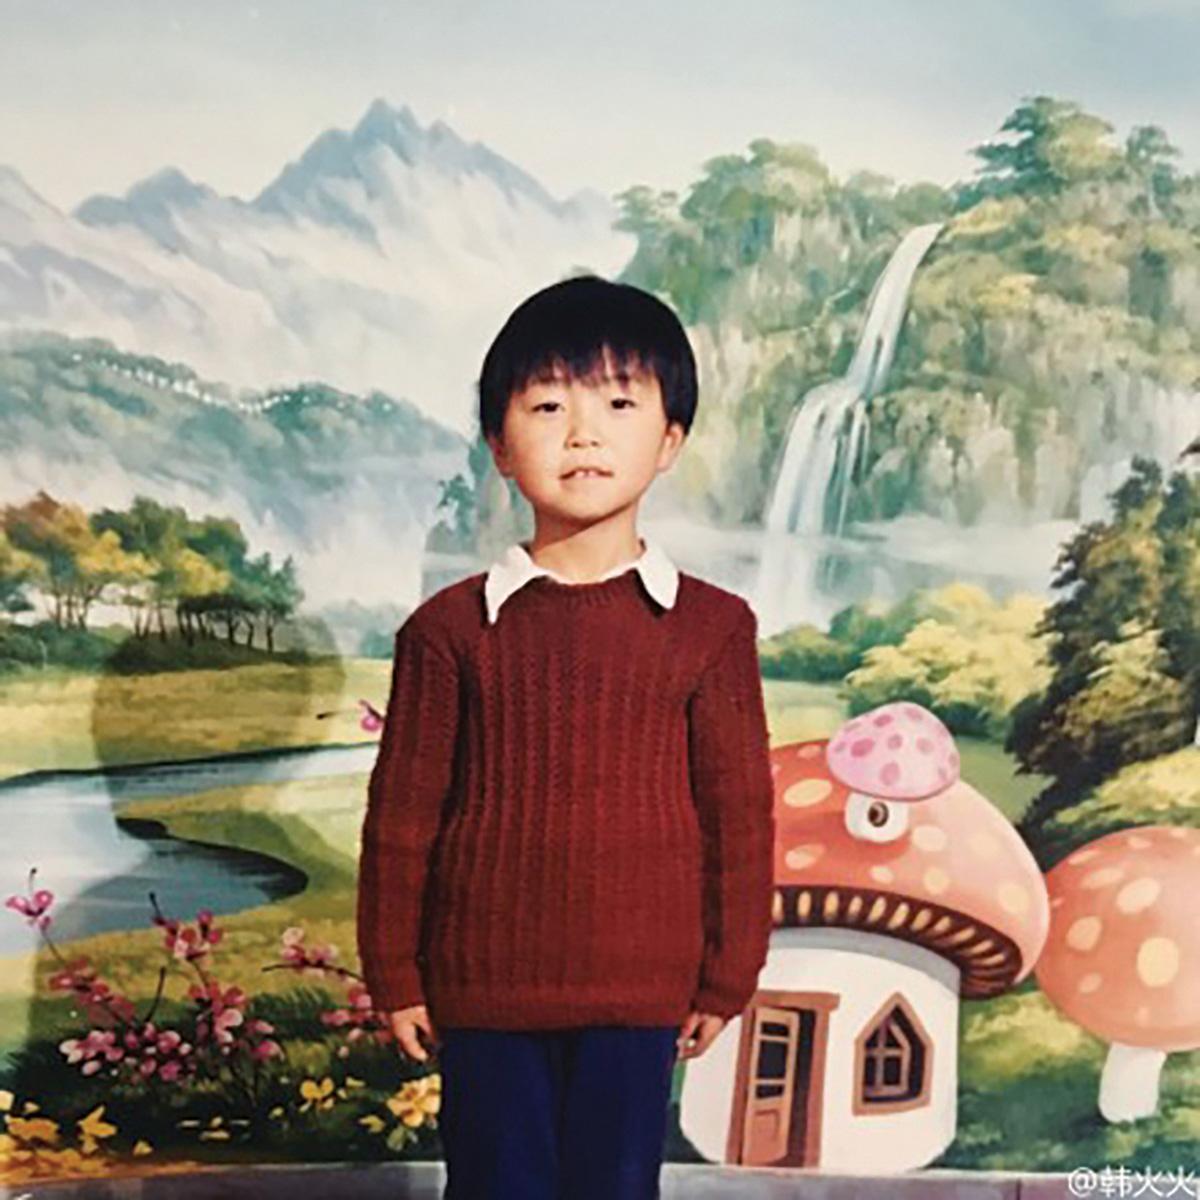 A childhood portrait